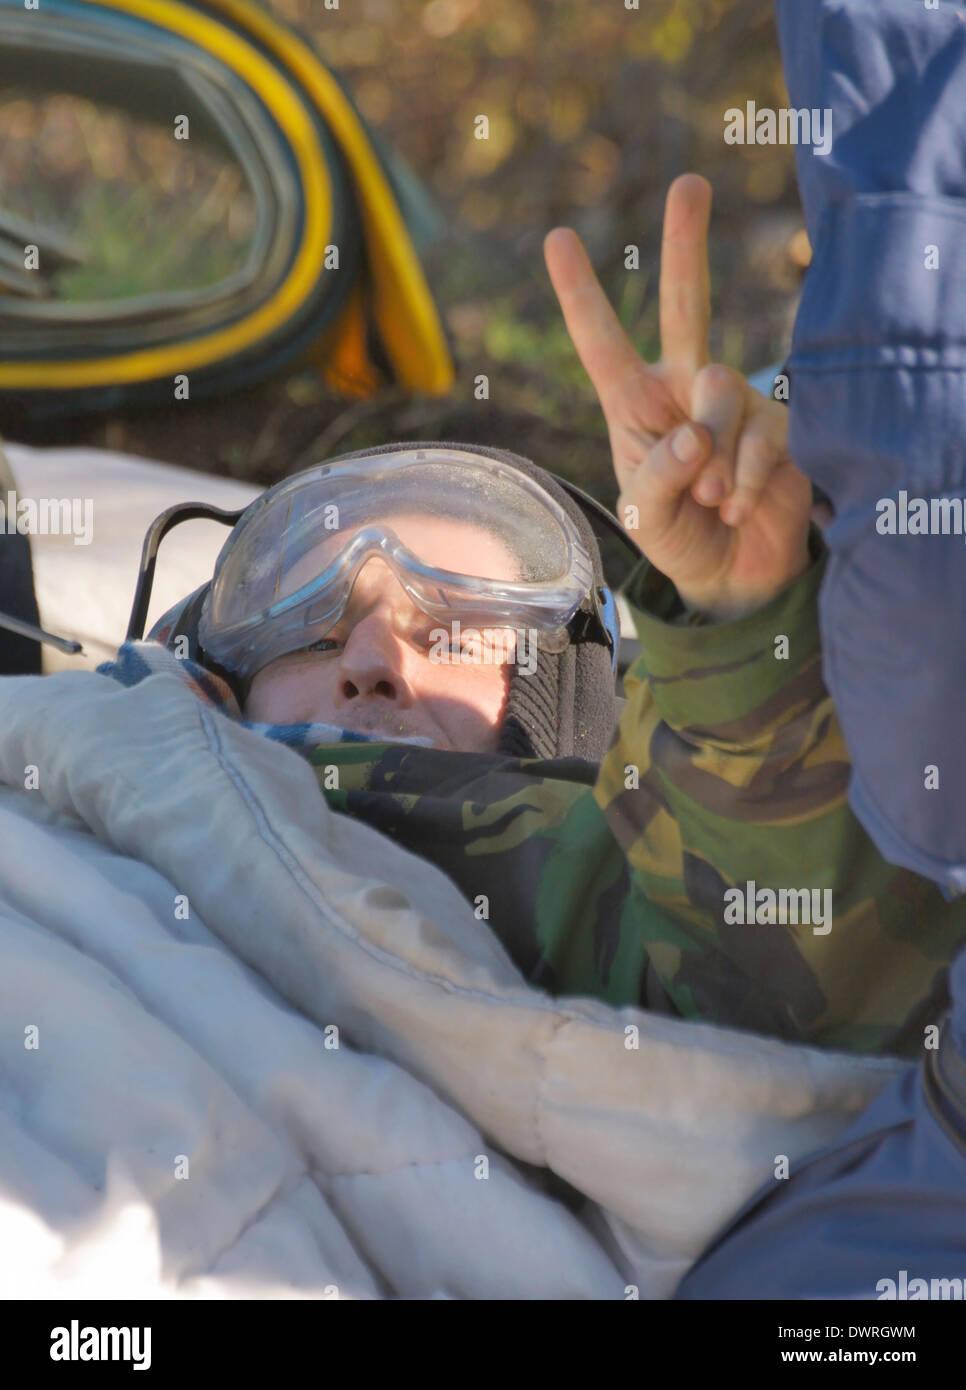 """Demonstrant Victory-Zeichen zu geben, während ein """"Lock-on"""" Gerät entfernt wird. Stockbild"""